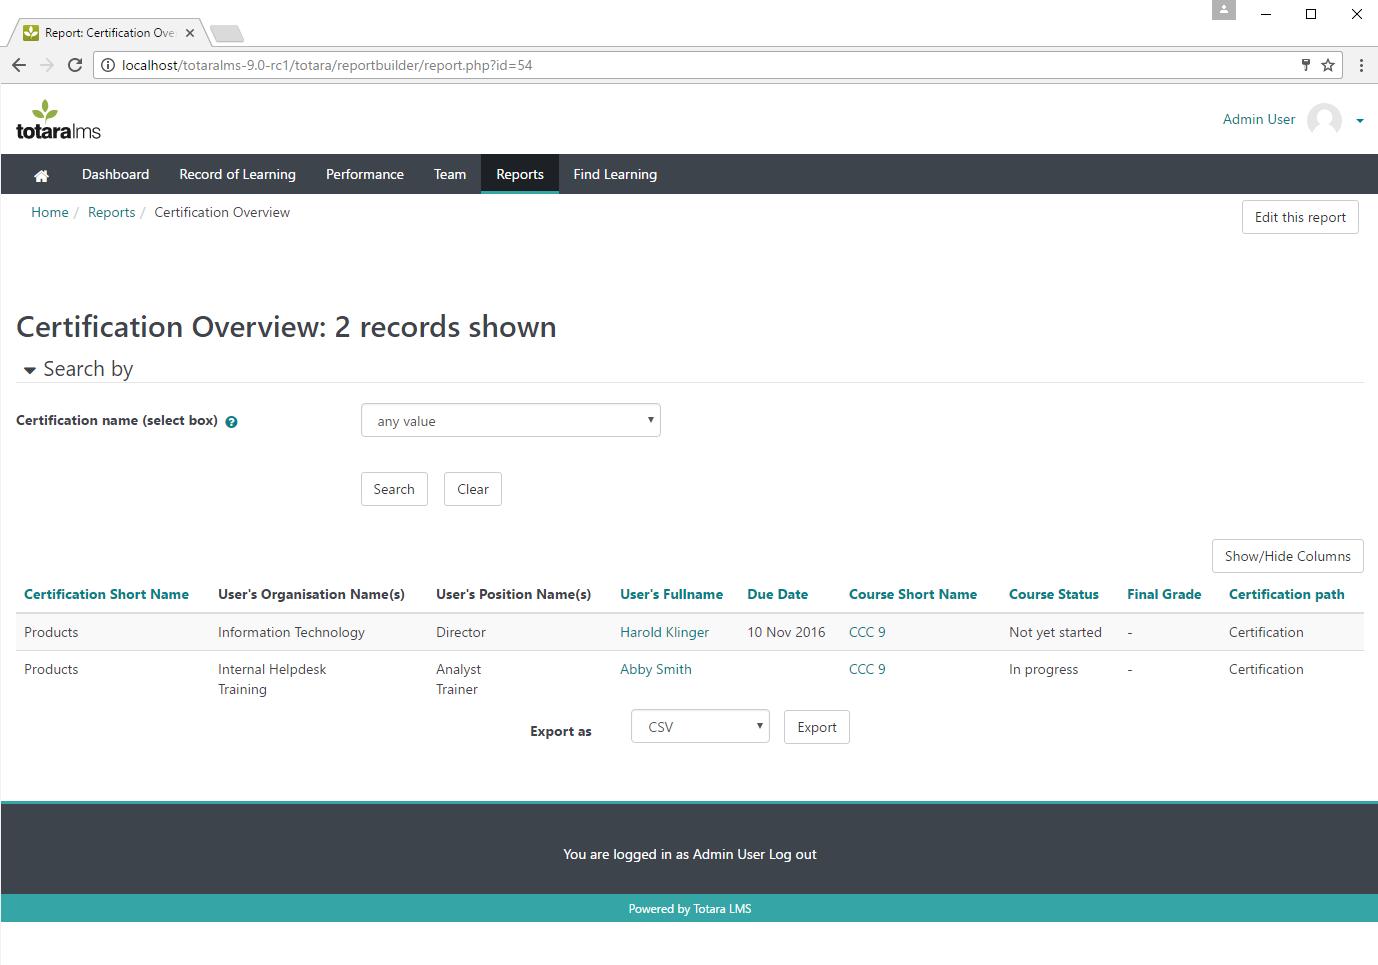 Обзор результатов сертификации в системе управления обучением Totara Learn